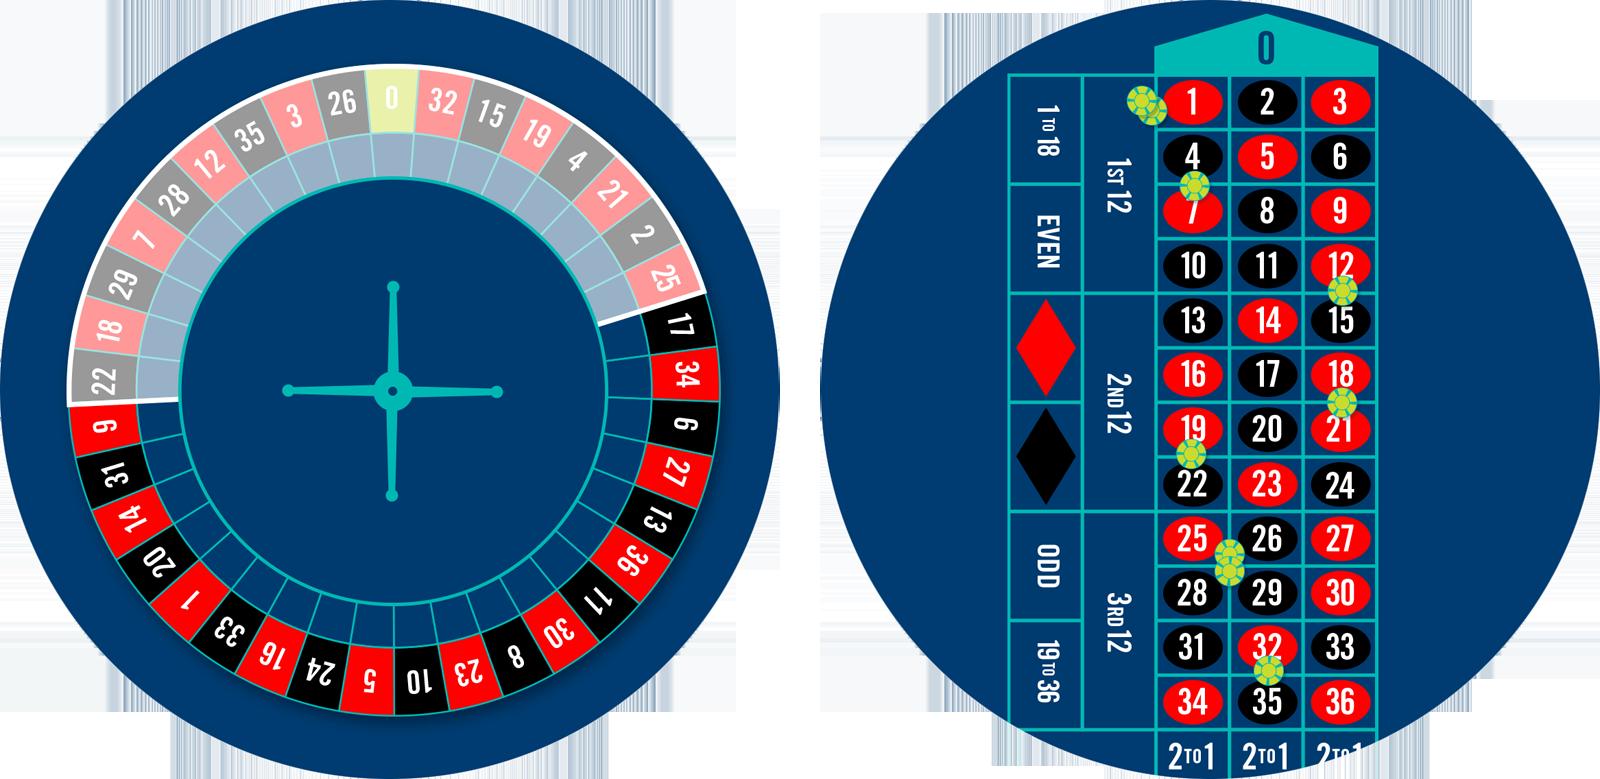 Une roue de roulette dont les mises Voisins du zéro sont en surbrillance et une table de Roulette comprenant 9 jetons placés sur les mises Voisins du zéro.